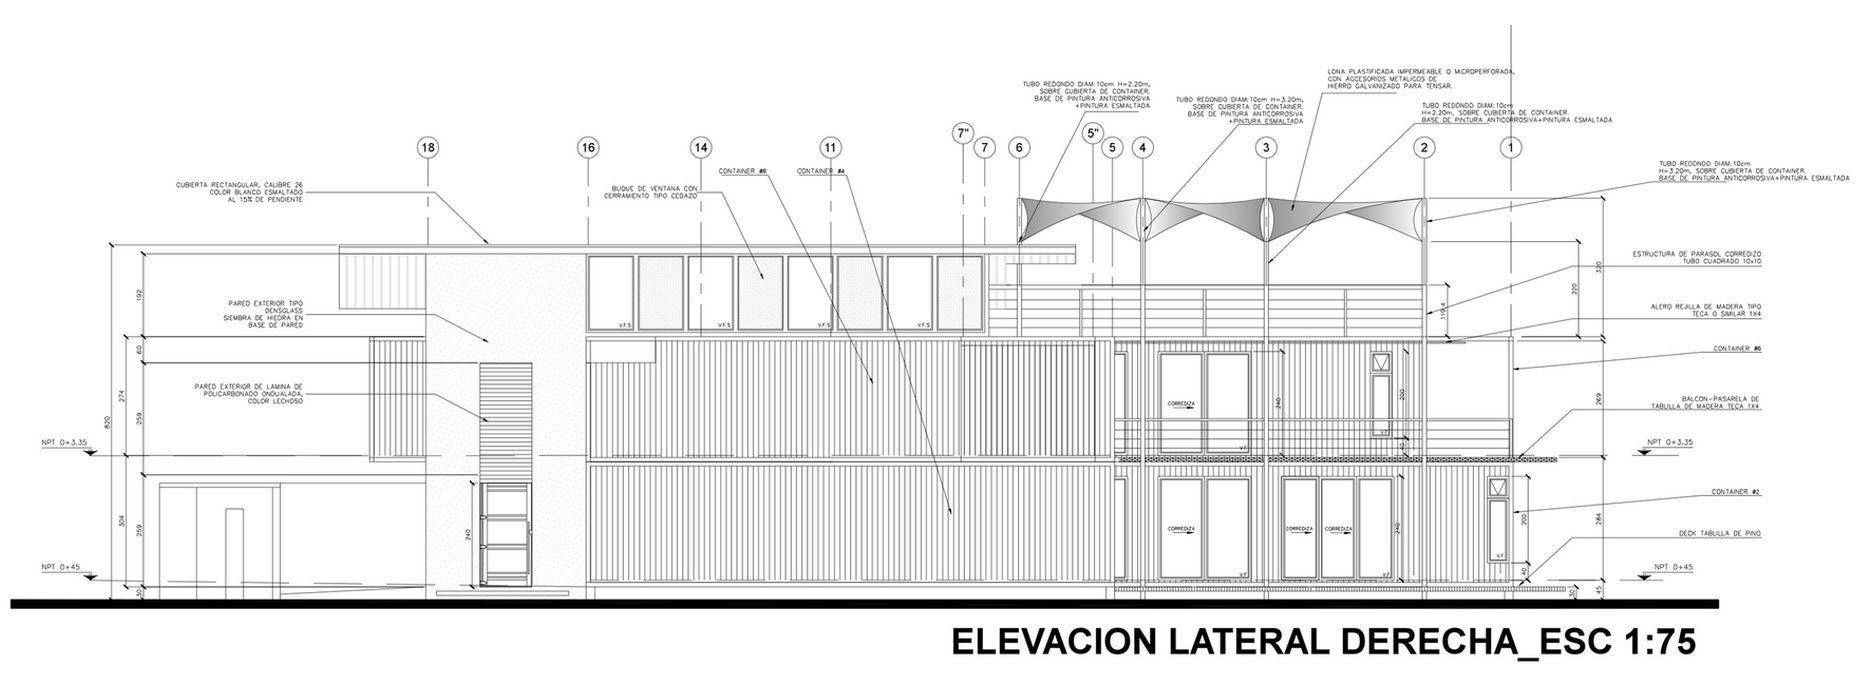 Plano de fachada lateral derecha